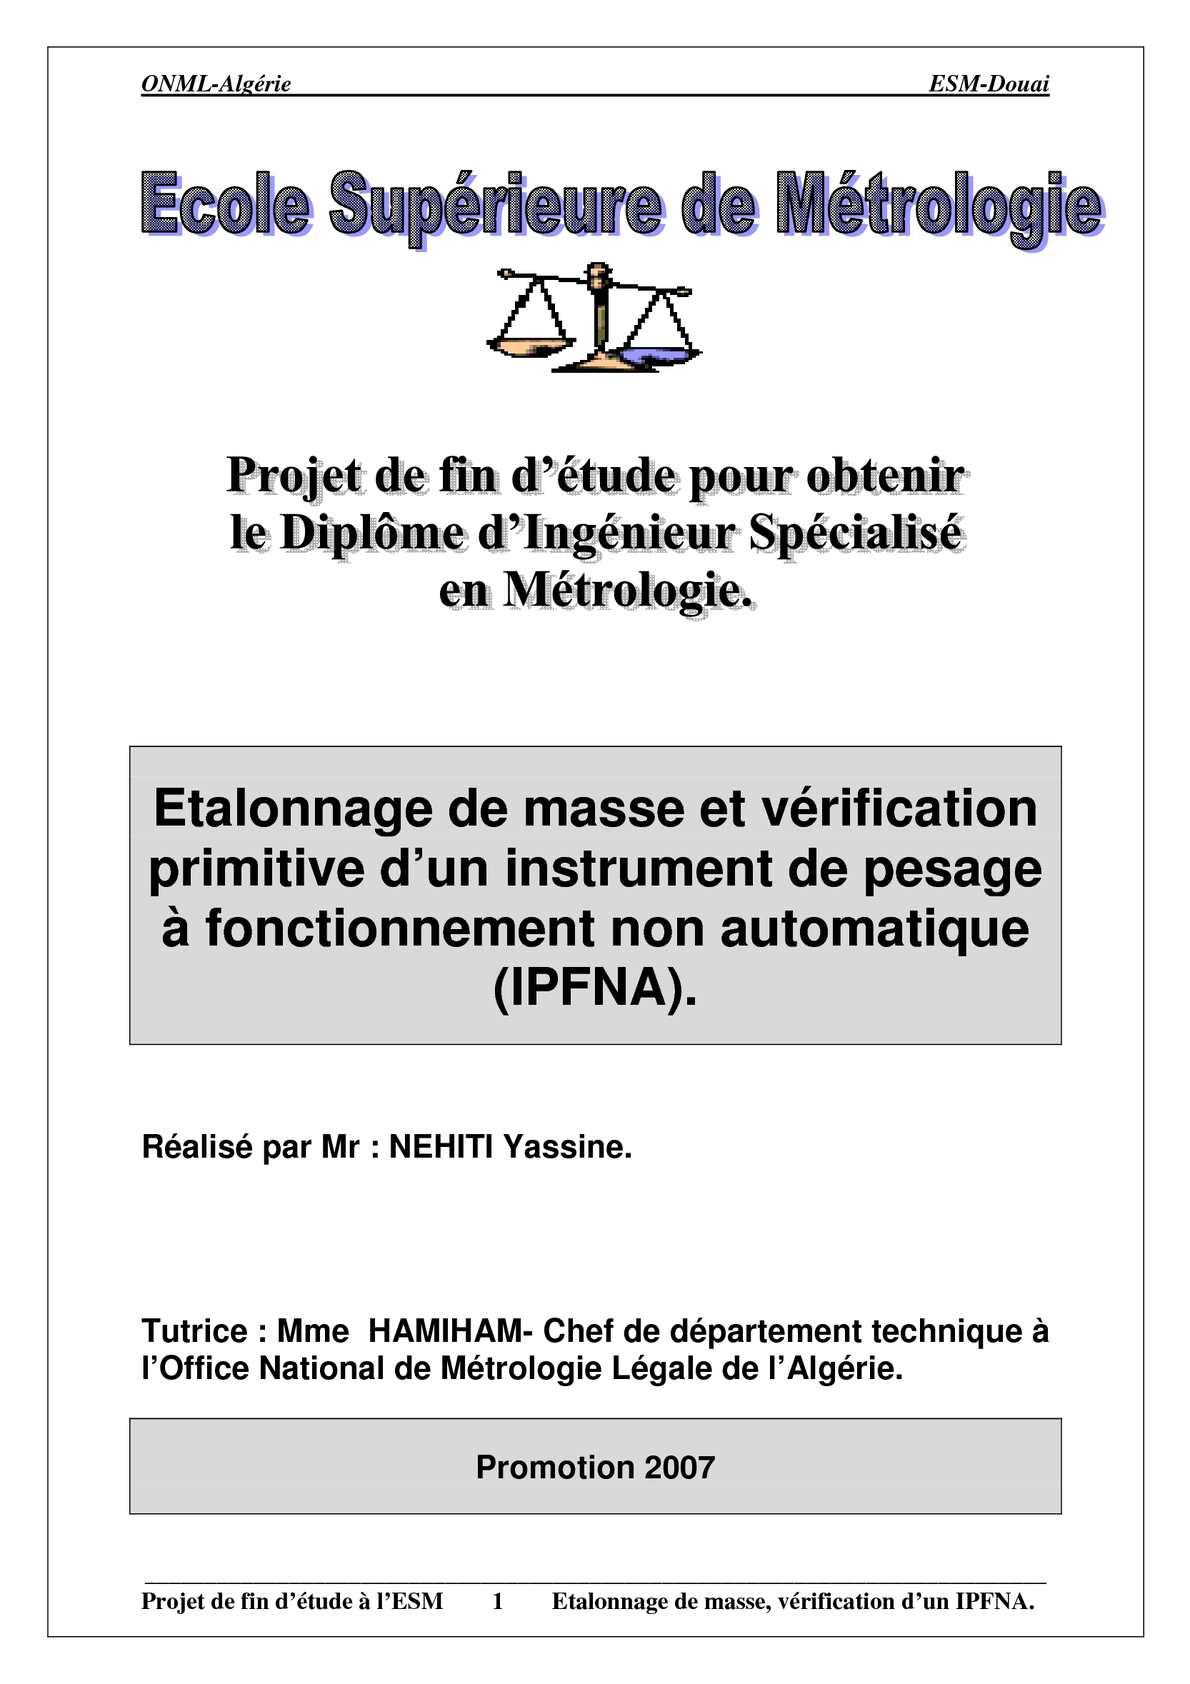 Métrologie des masses par Monsieur NEHITI Yassine de l'ESM.